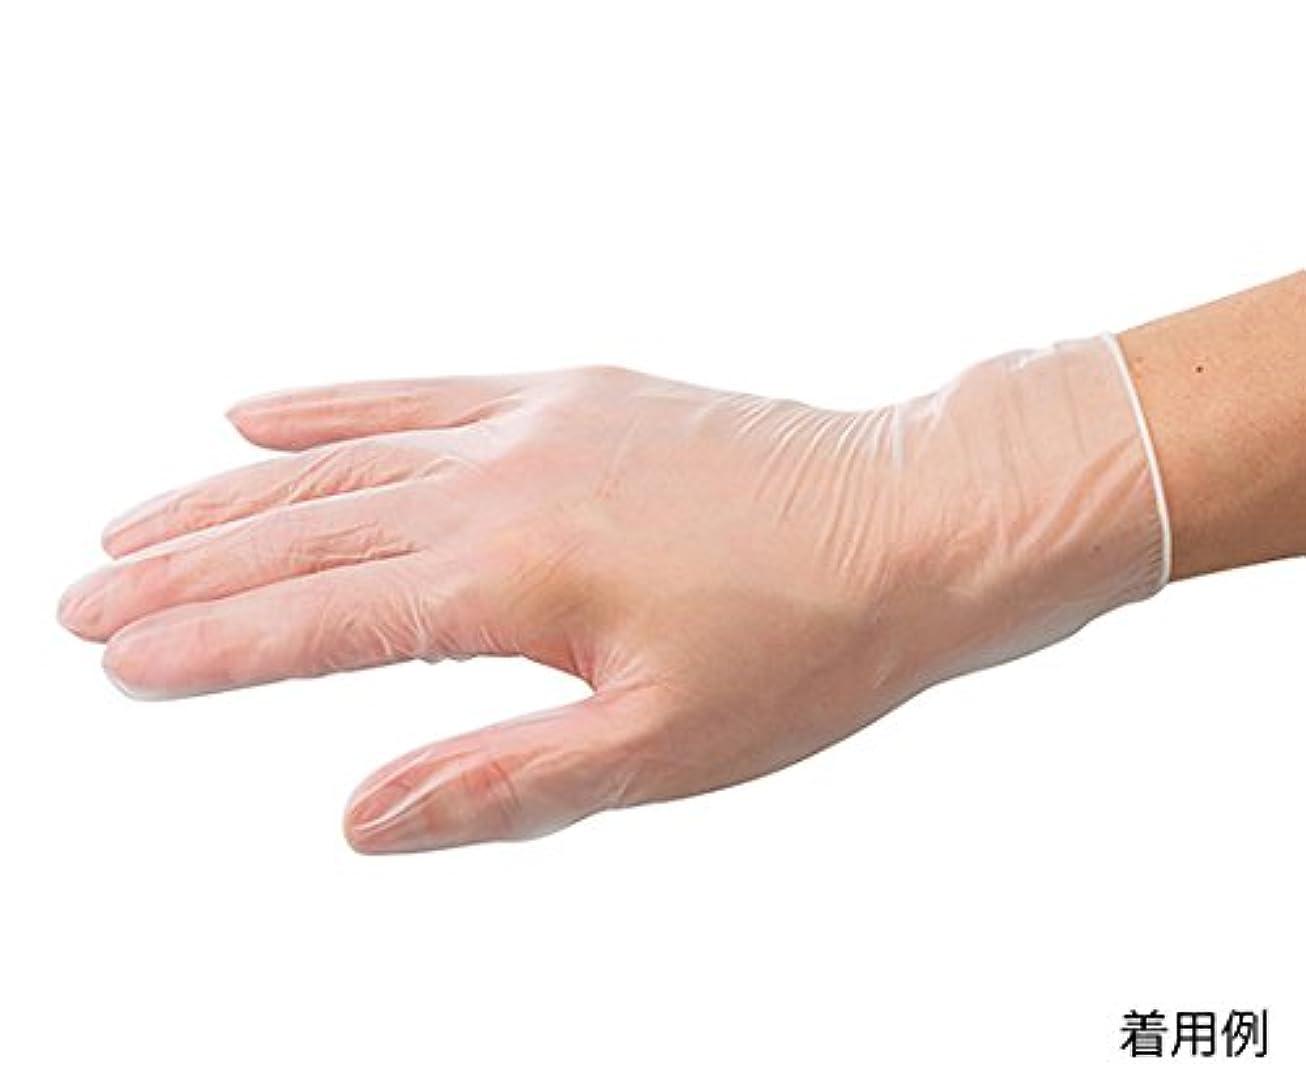 スイ来て三ARメディコム?インク?アジアリミテッド7-3726-03バイタルプラスチック手袋(パウダーフリー)L150枚入